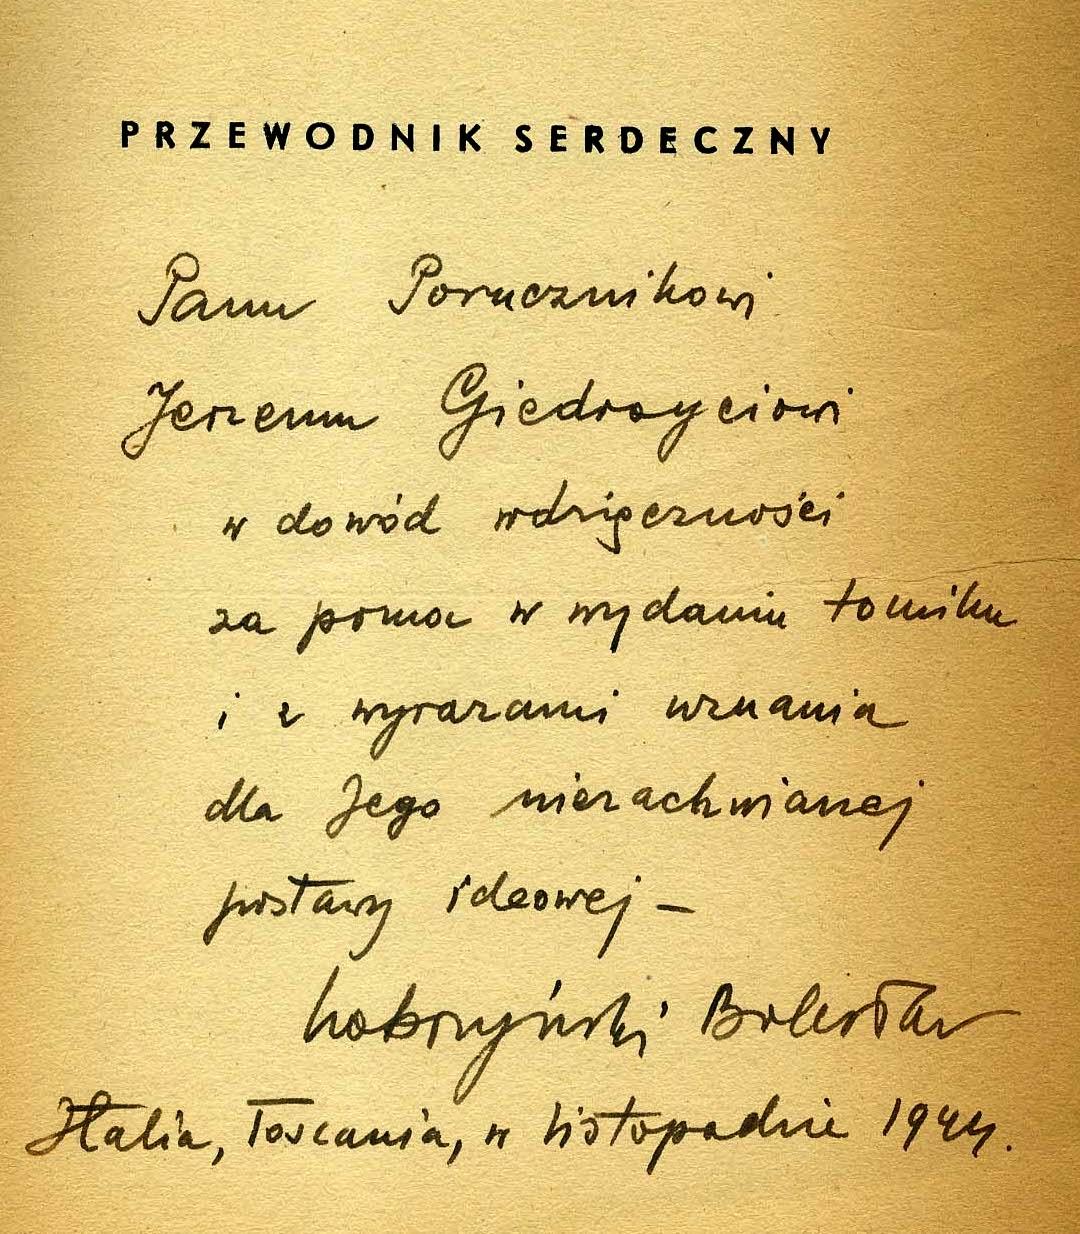 """<div class='inner-box'><div class='close-desc'></div><span class='opis'>Dedykacja Bolesława Kobrzyńskiego dla Jerzego Giedroycia. """"Przewodnik serdeczny"""", Rzym 1944.</span><div class='clearfix'></div><span>Sygn. dedyk033b</span><div class='clearfix'></div><span>© Instytut Literacki</span></div>"""